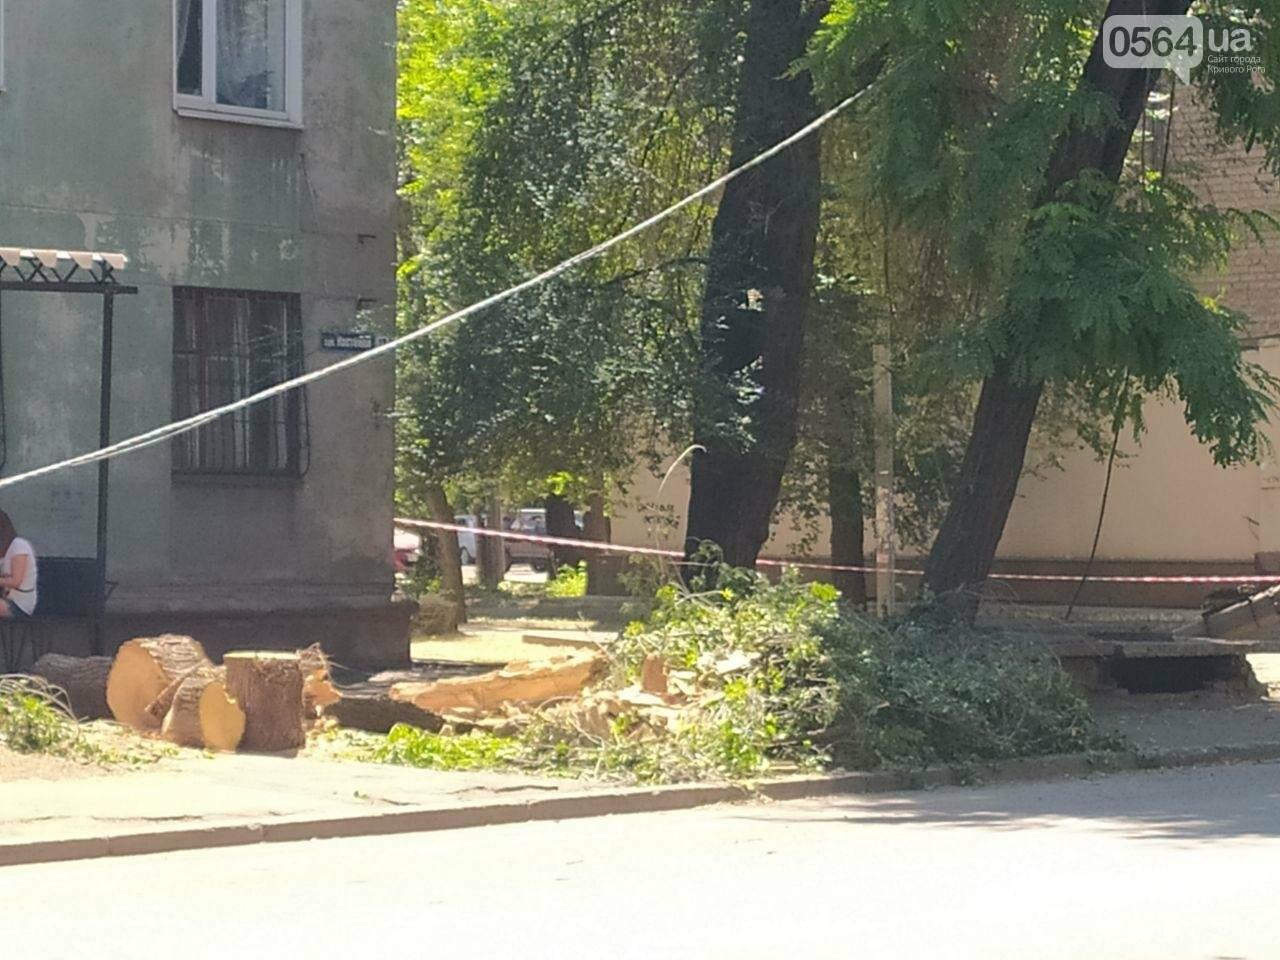 В Кривом Роге сломавшаяся электроопора, удерживаемая каркасом из арматуры, зависла прямо над тротуаром, - ФОТО, фото-5